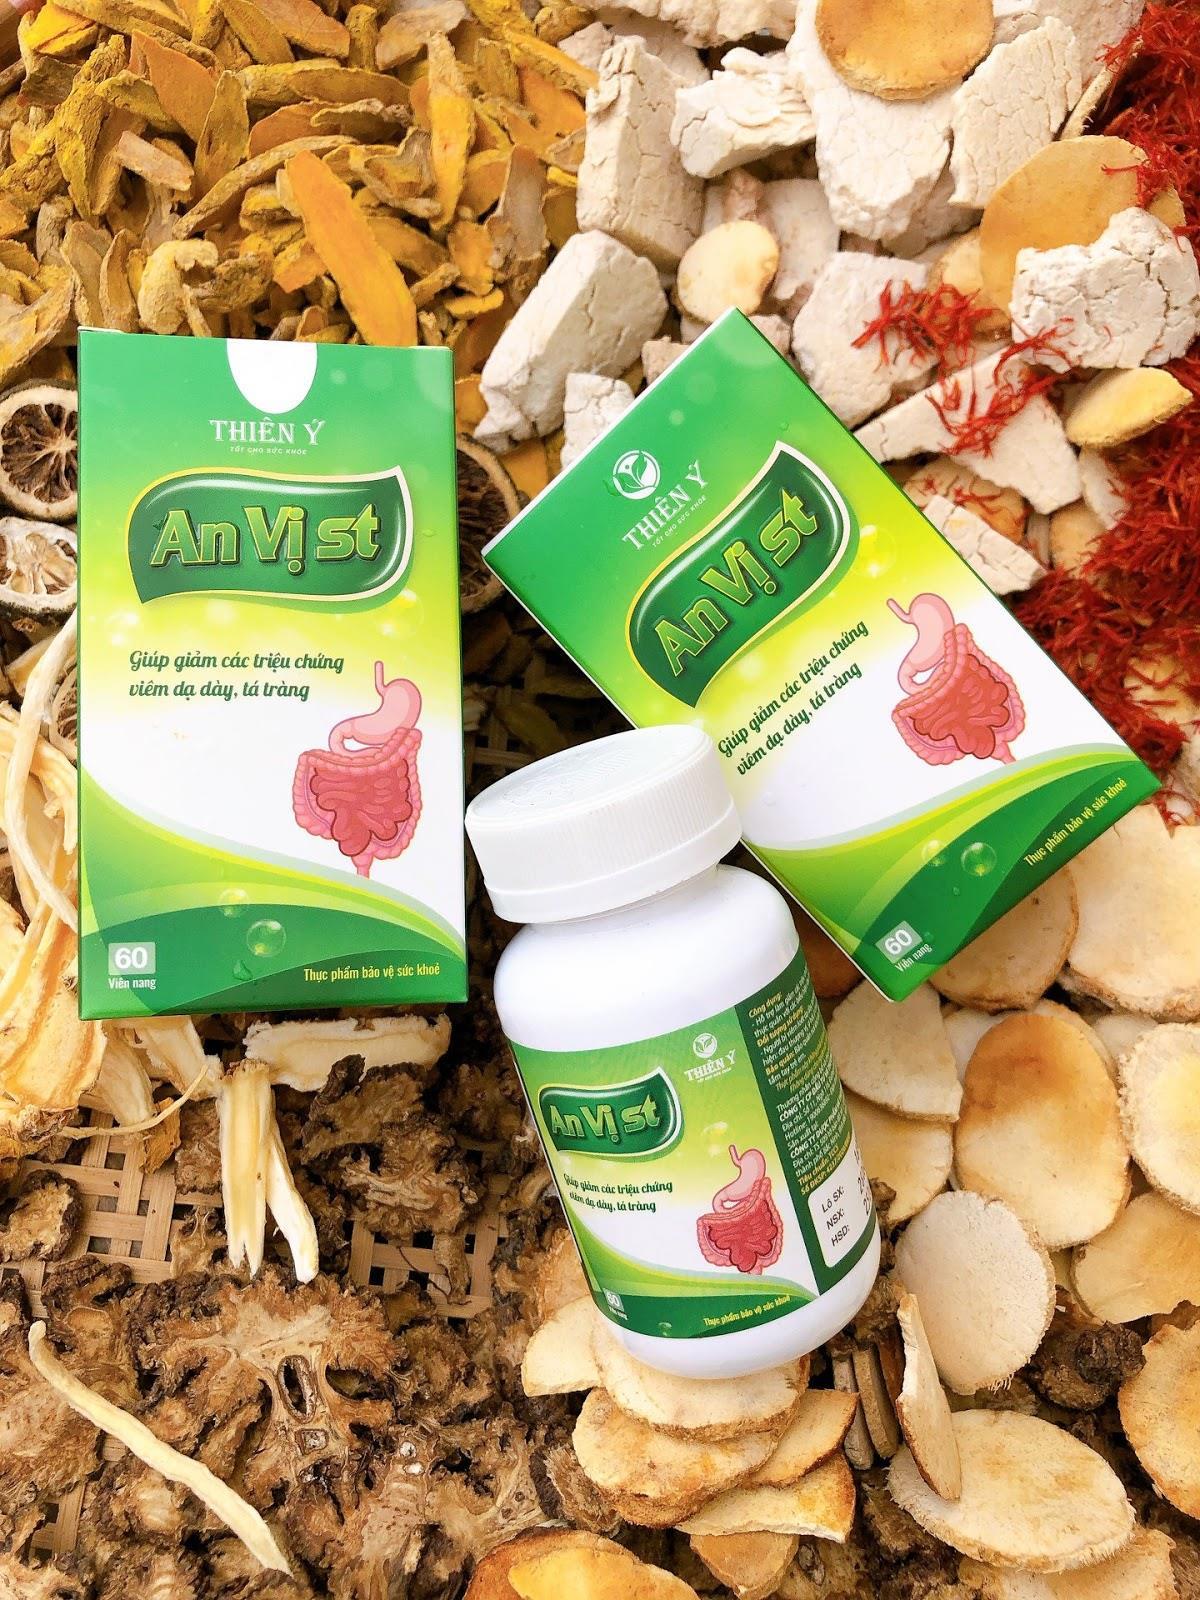 Cùng Thiên Ý Pharma tìm hiểu về bệnh viêm loét dạ dày - Ảnh 2